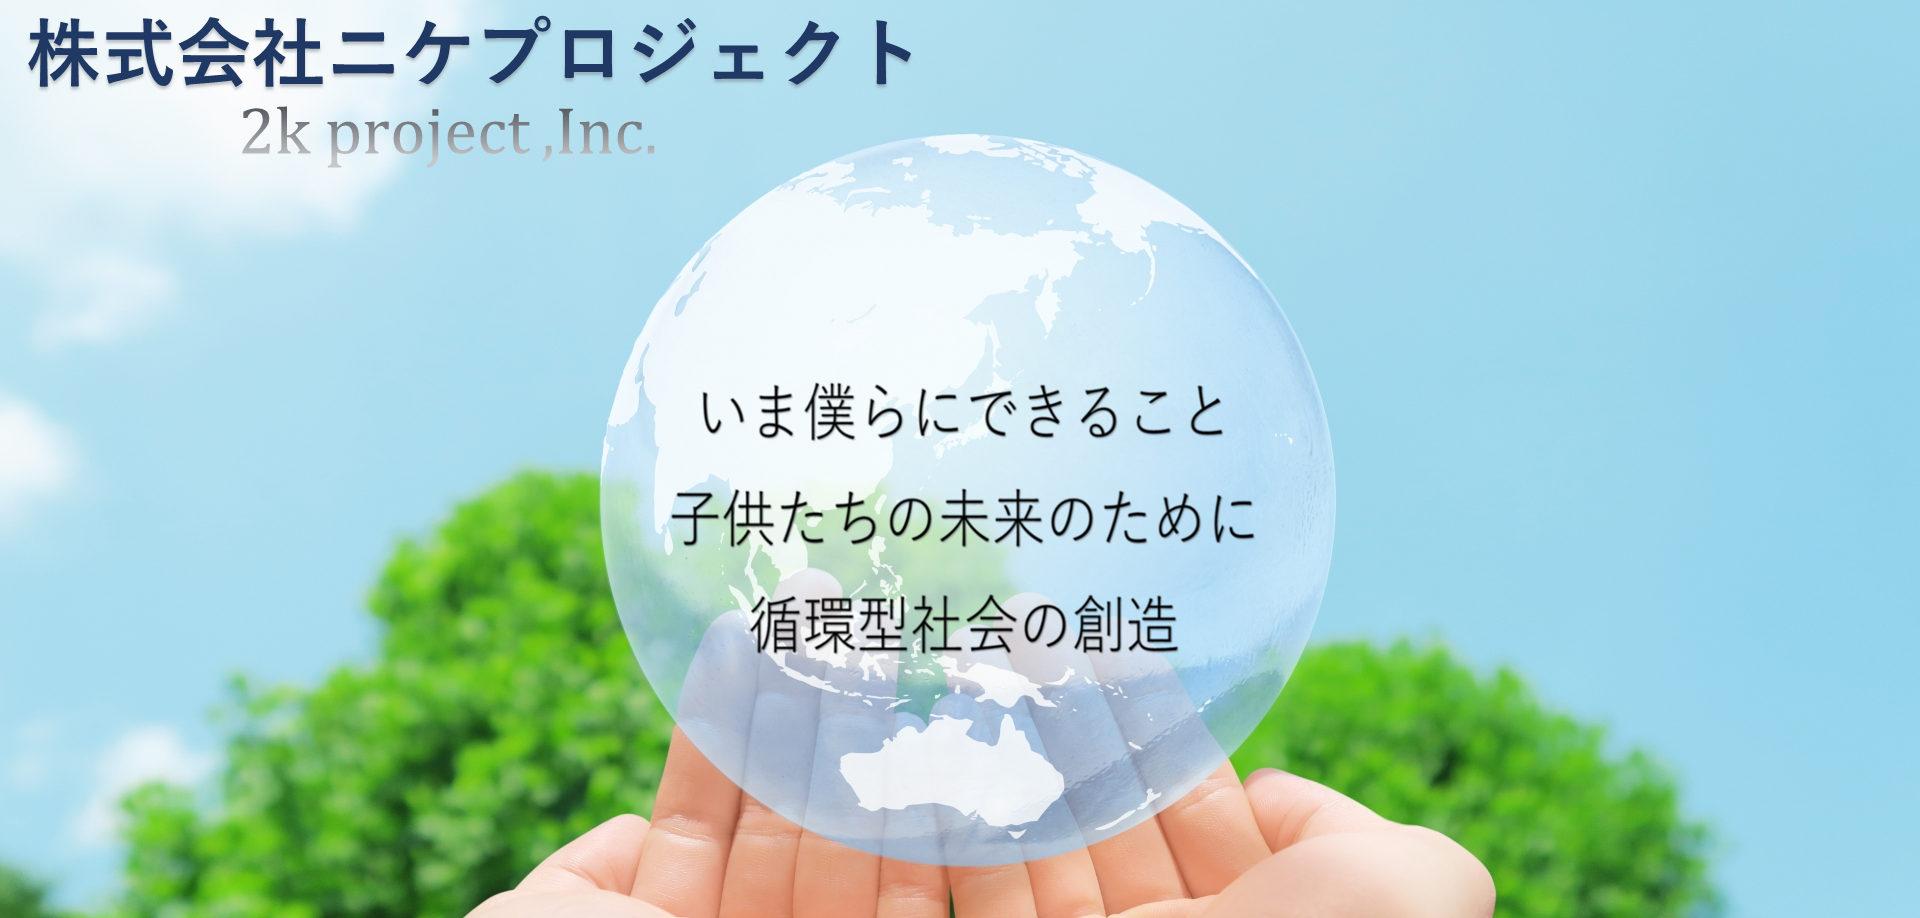 株式会社ニケプロジェクト